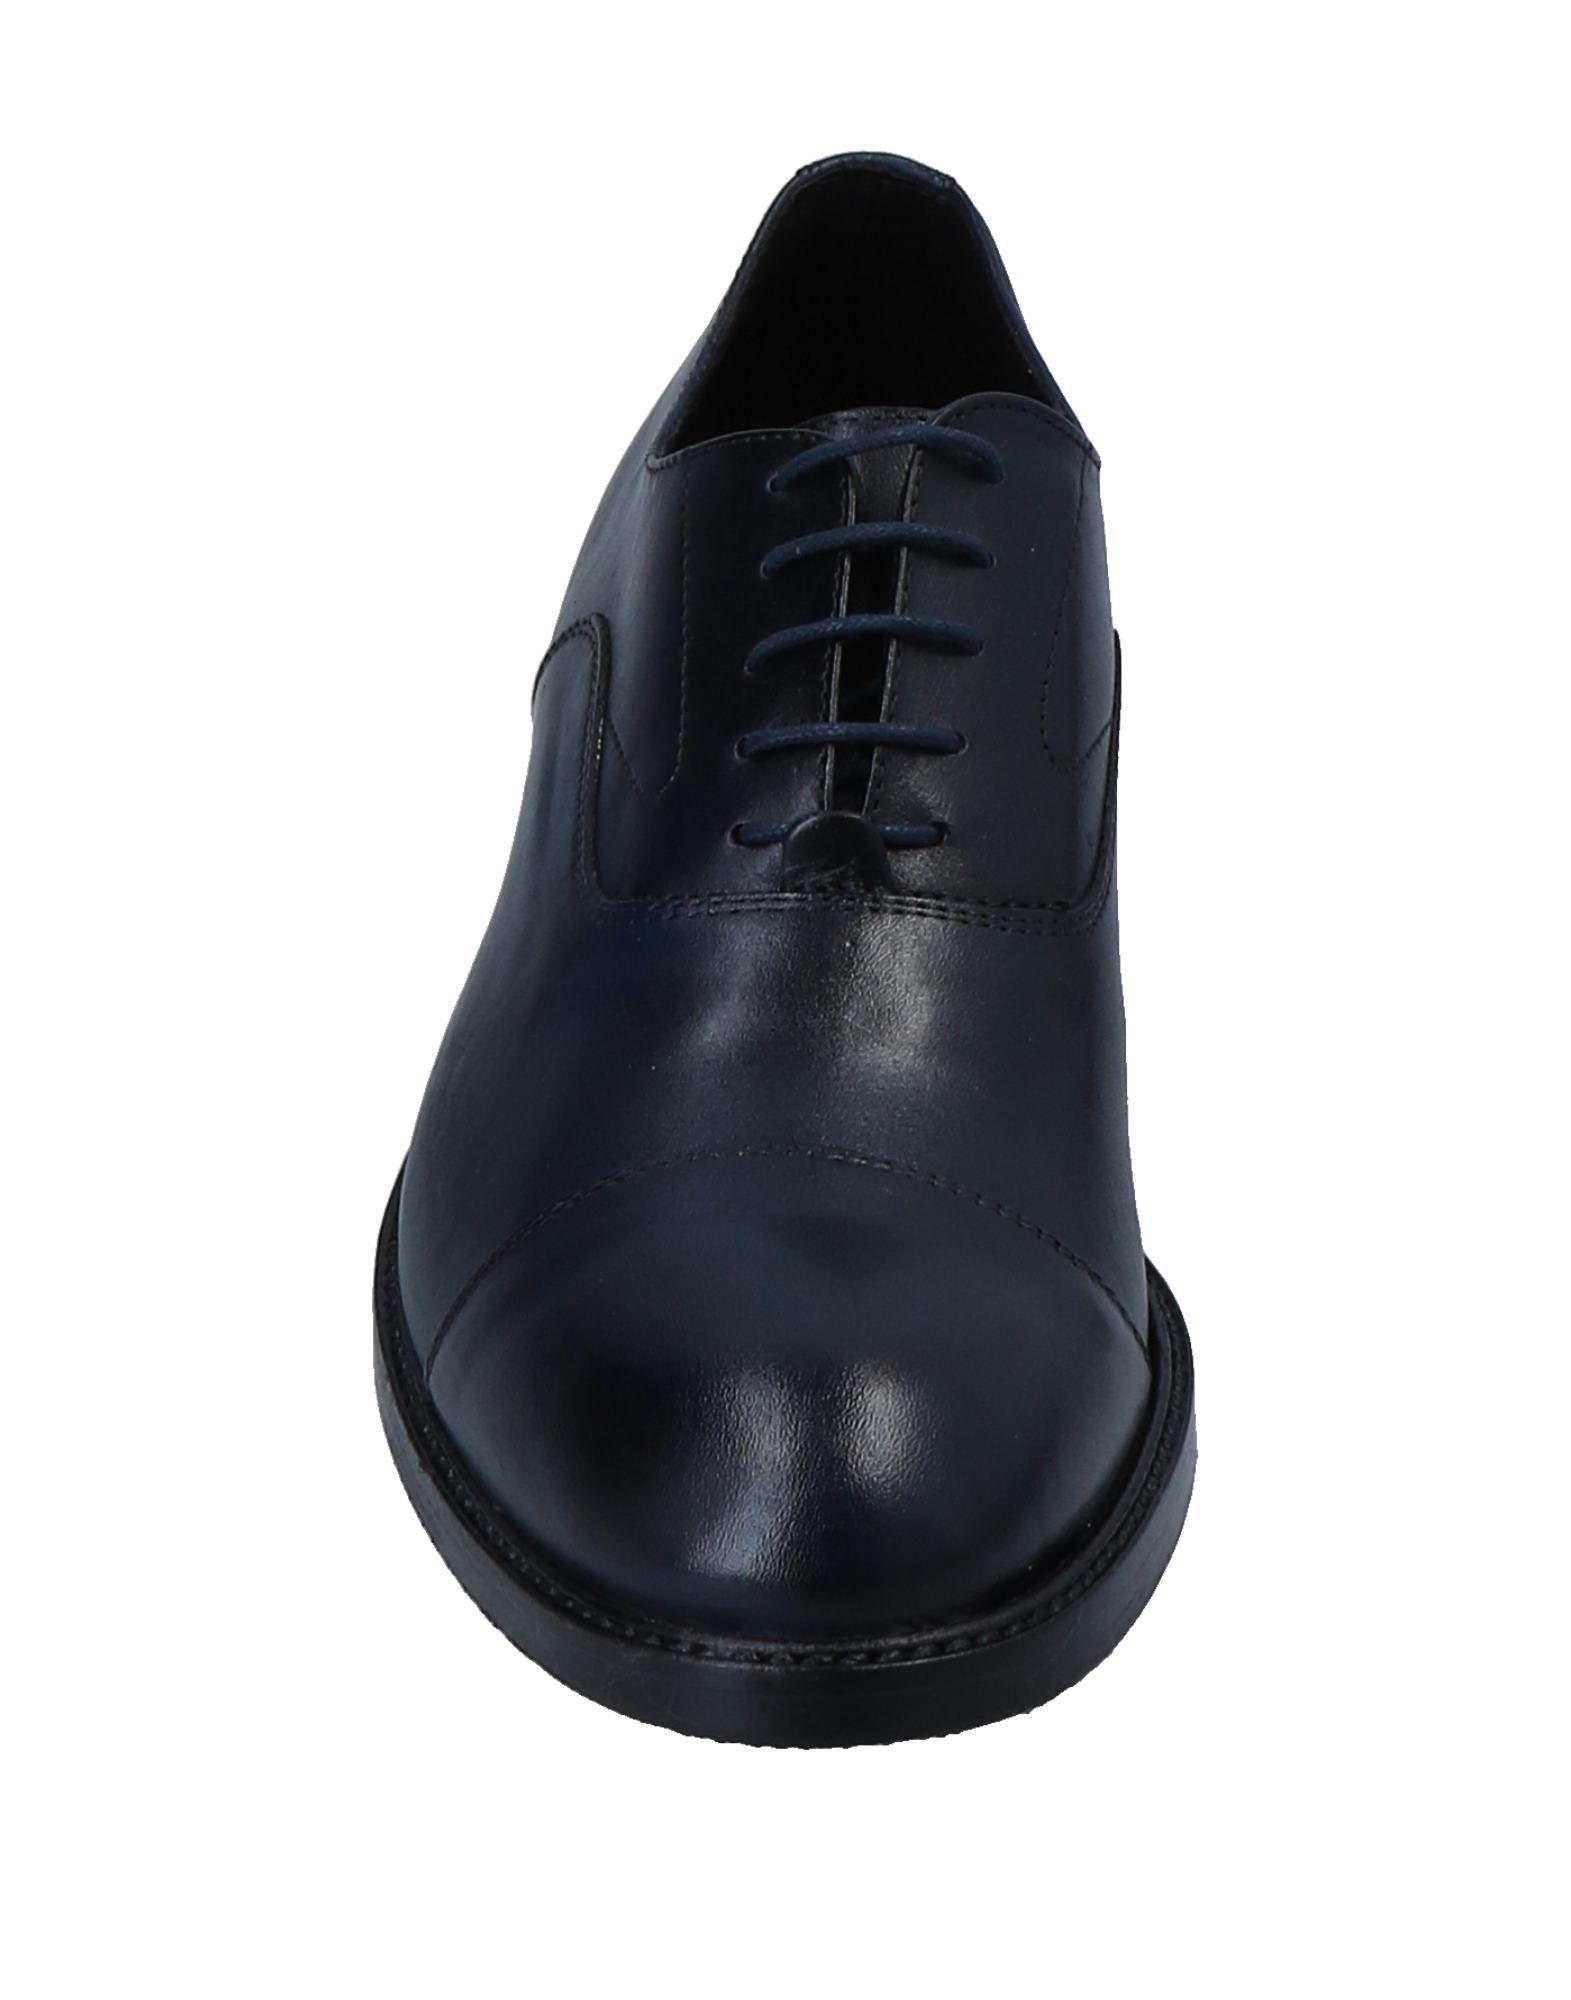 Trussardi Schnürschuhe Herren beliebte  11560668IH Gute Qualität beliebte Herren Schuhe c05ff3